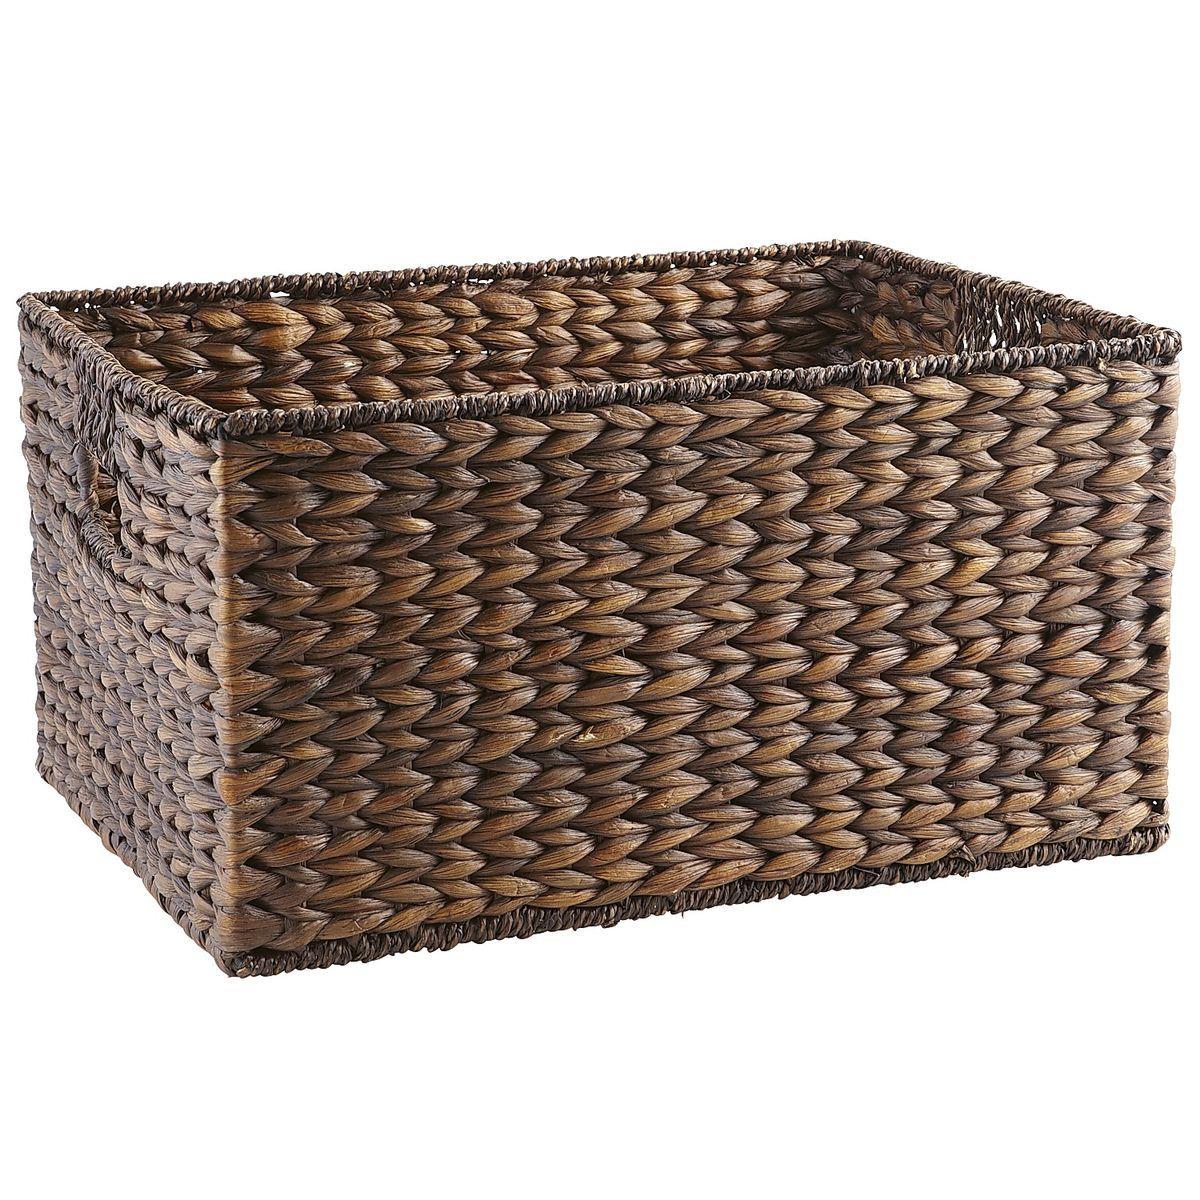 Carson Espresso Wicker Large Shelf Storage Baskets Shelf Baskets Storage Wicker Baskets Storage Storage Baskets